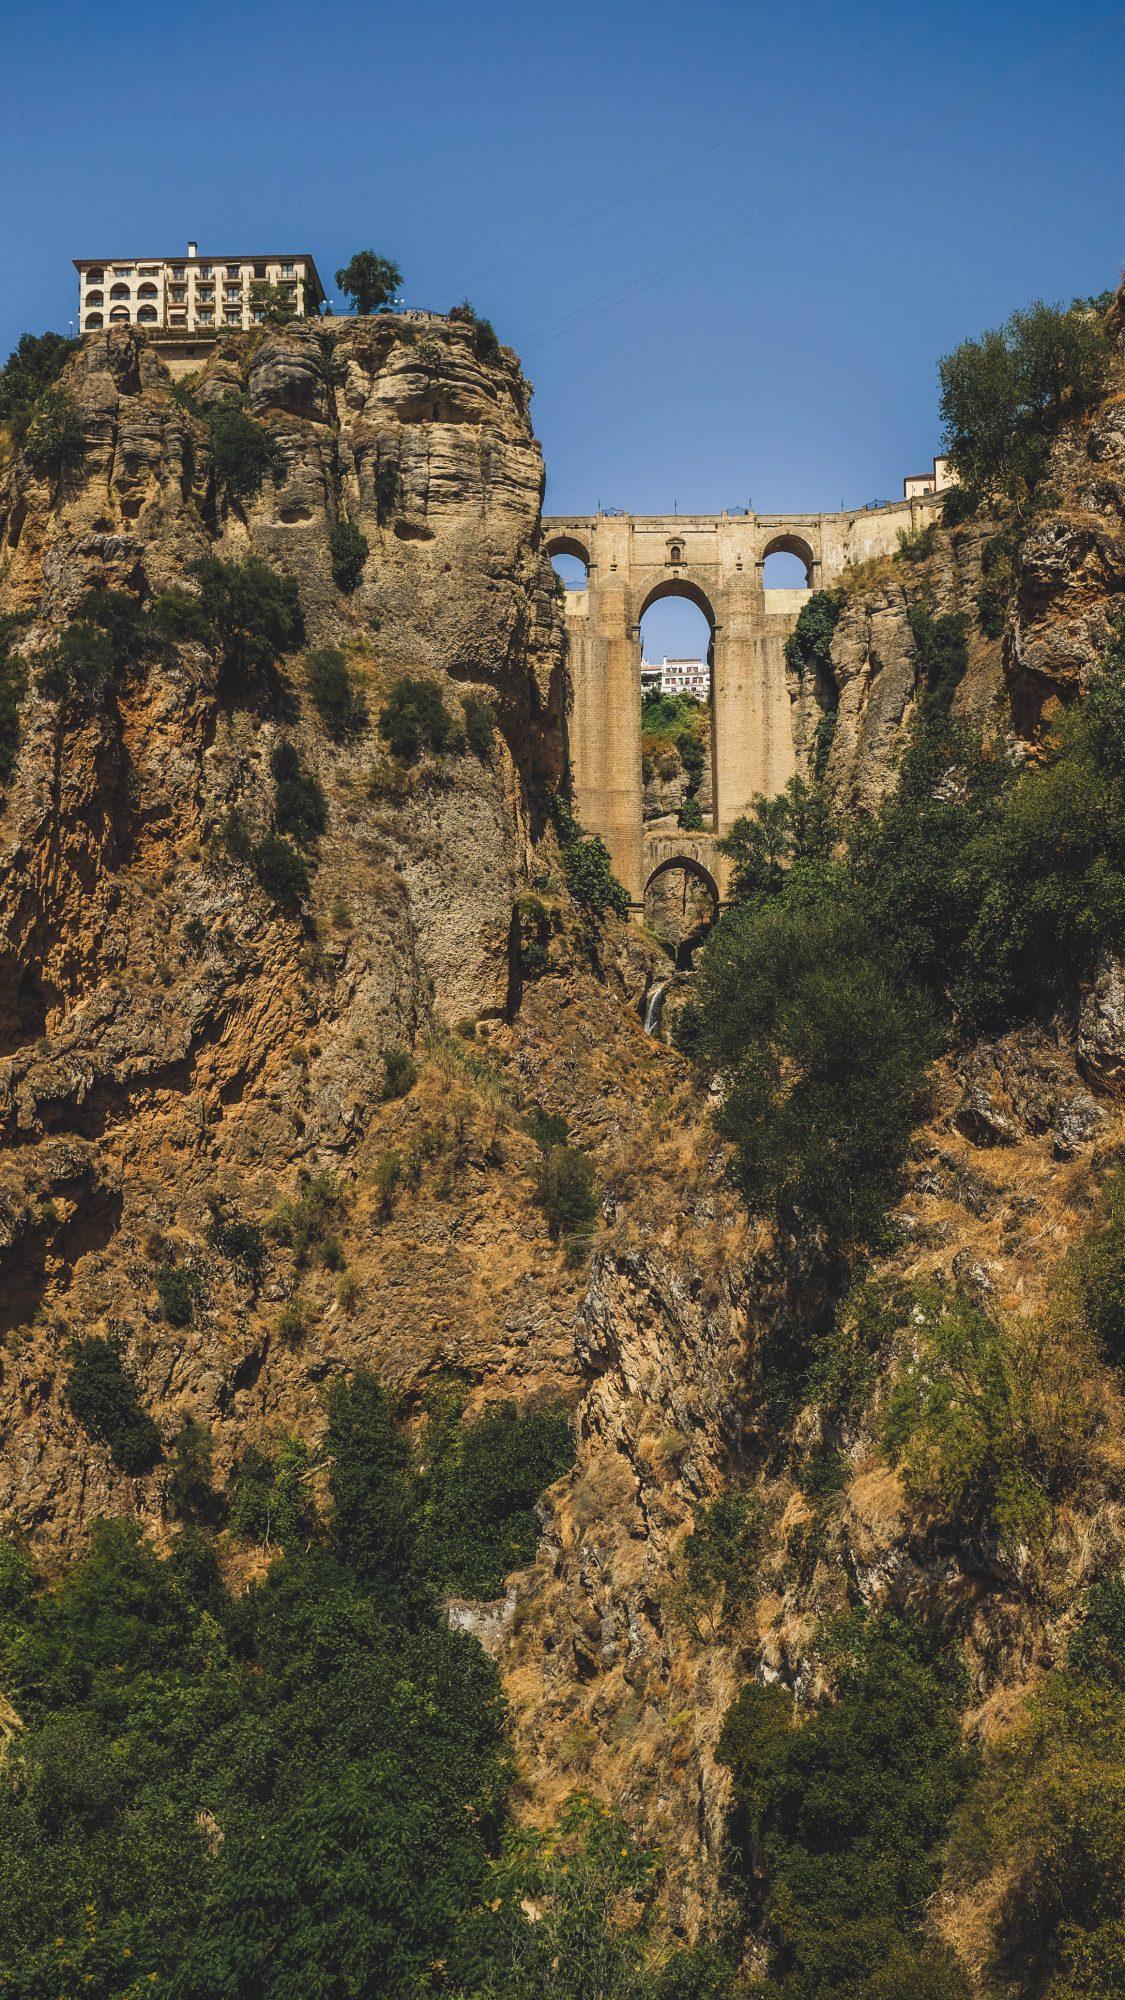 Drone sous le pont nouveau - Ronda, Espagne